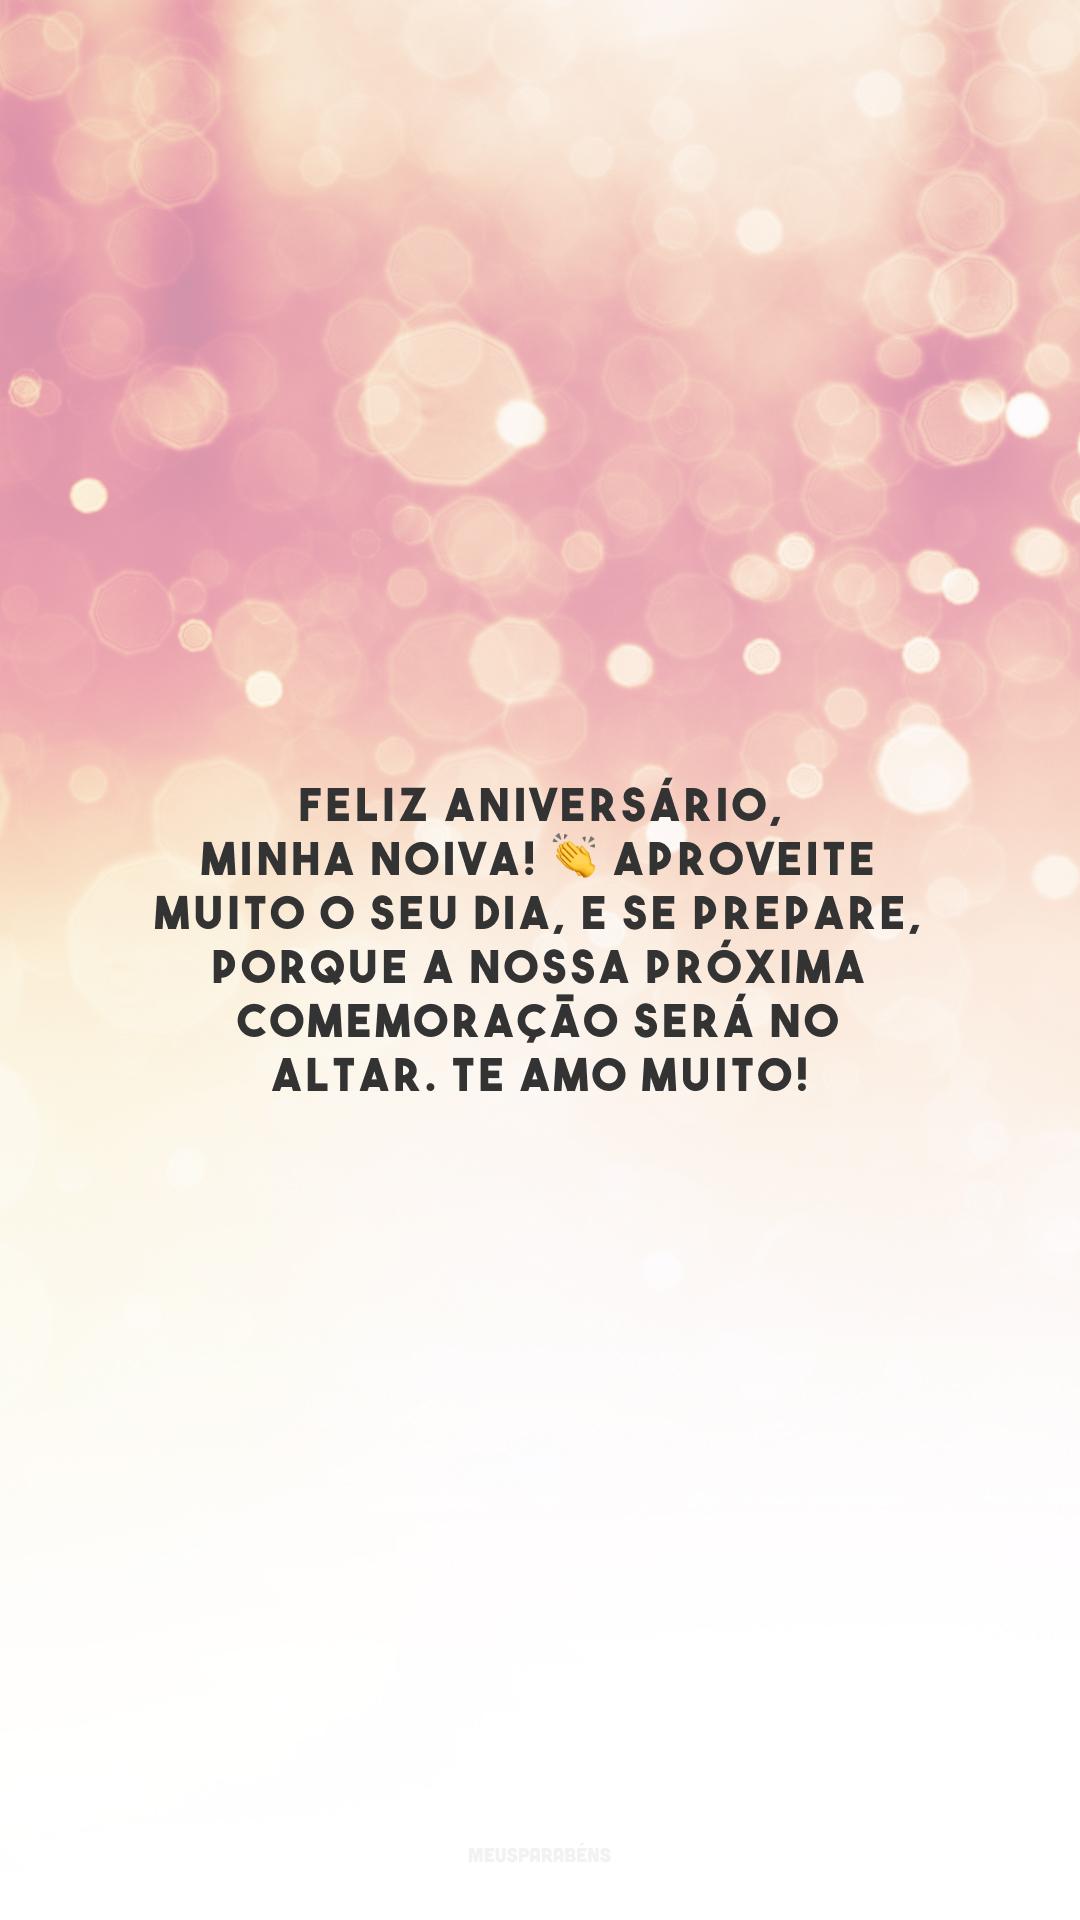 Feliz aniversário, minha noiva! 👏 Aproveite muito o seu dia, e se prepare, porque a nossa próxima comemoração será no altar. Te amo muito!